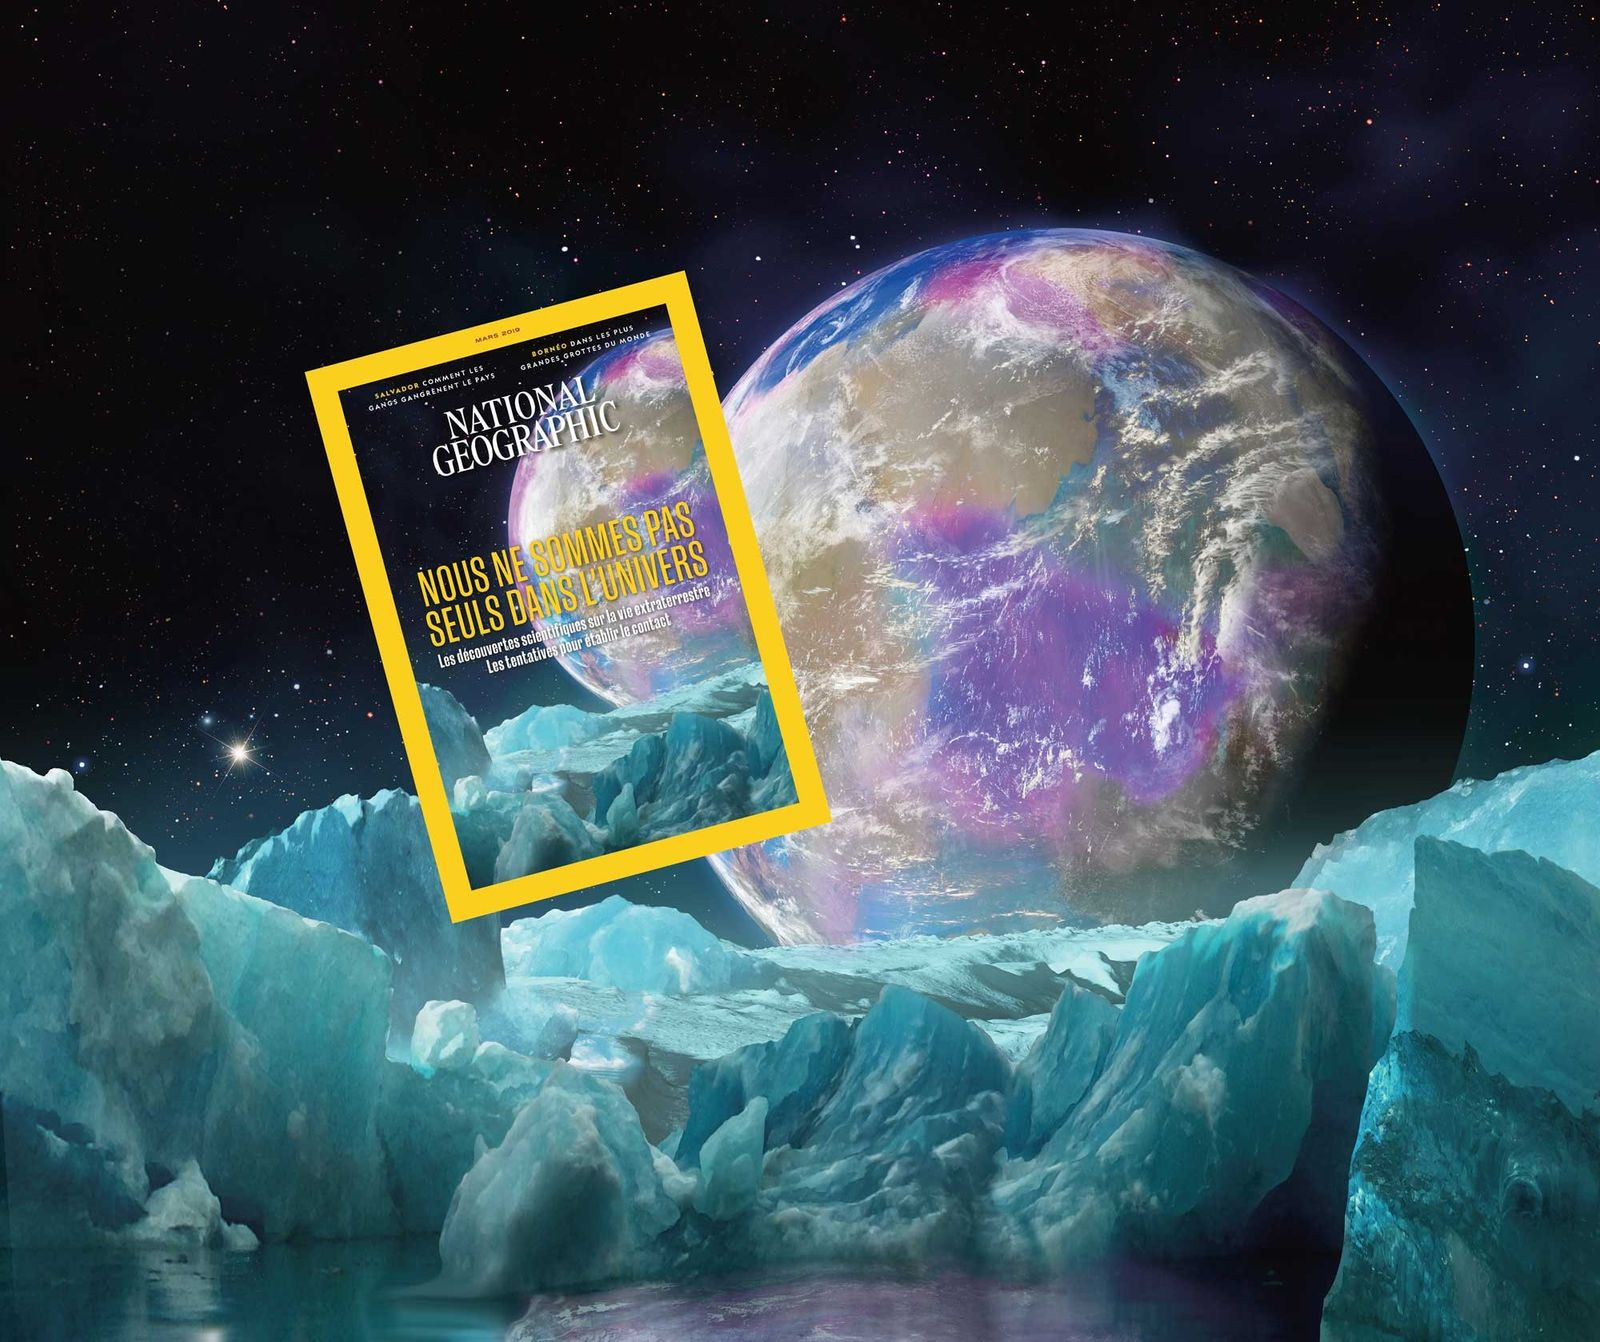 Sommaire du magazine National Geographic de mars 2019 : Nous ne sommes pas seuls dans l'univers